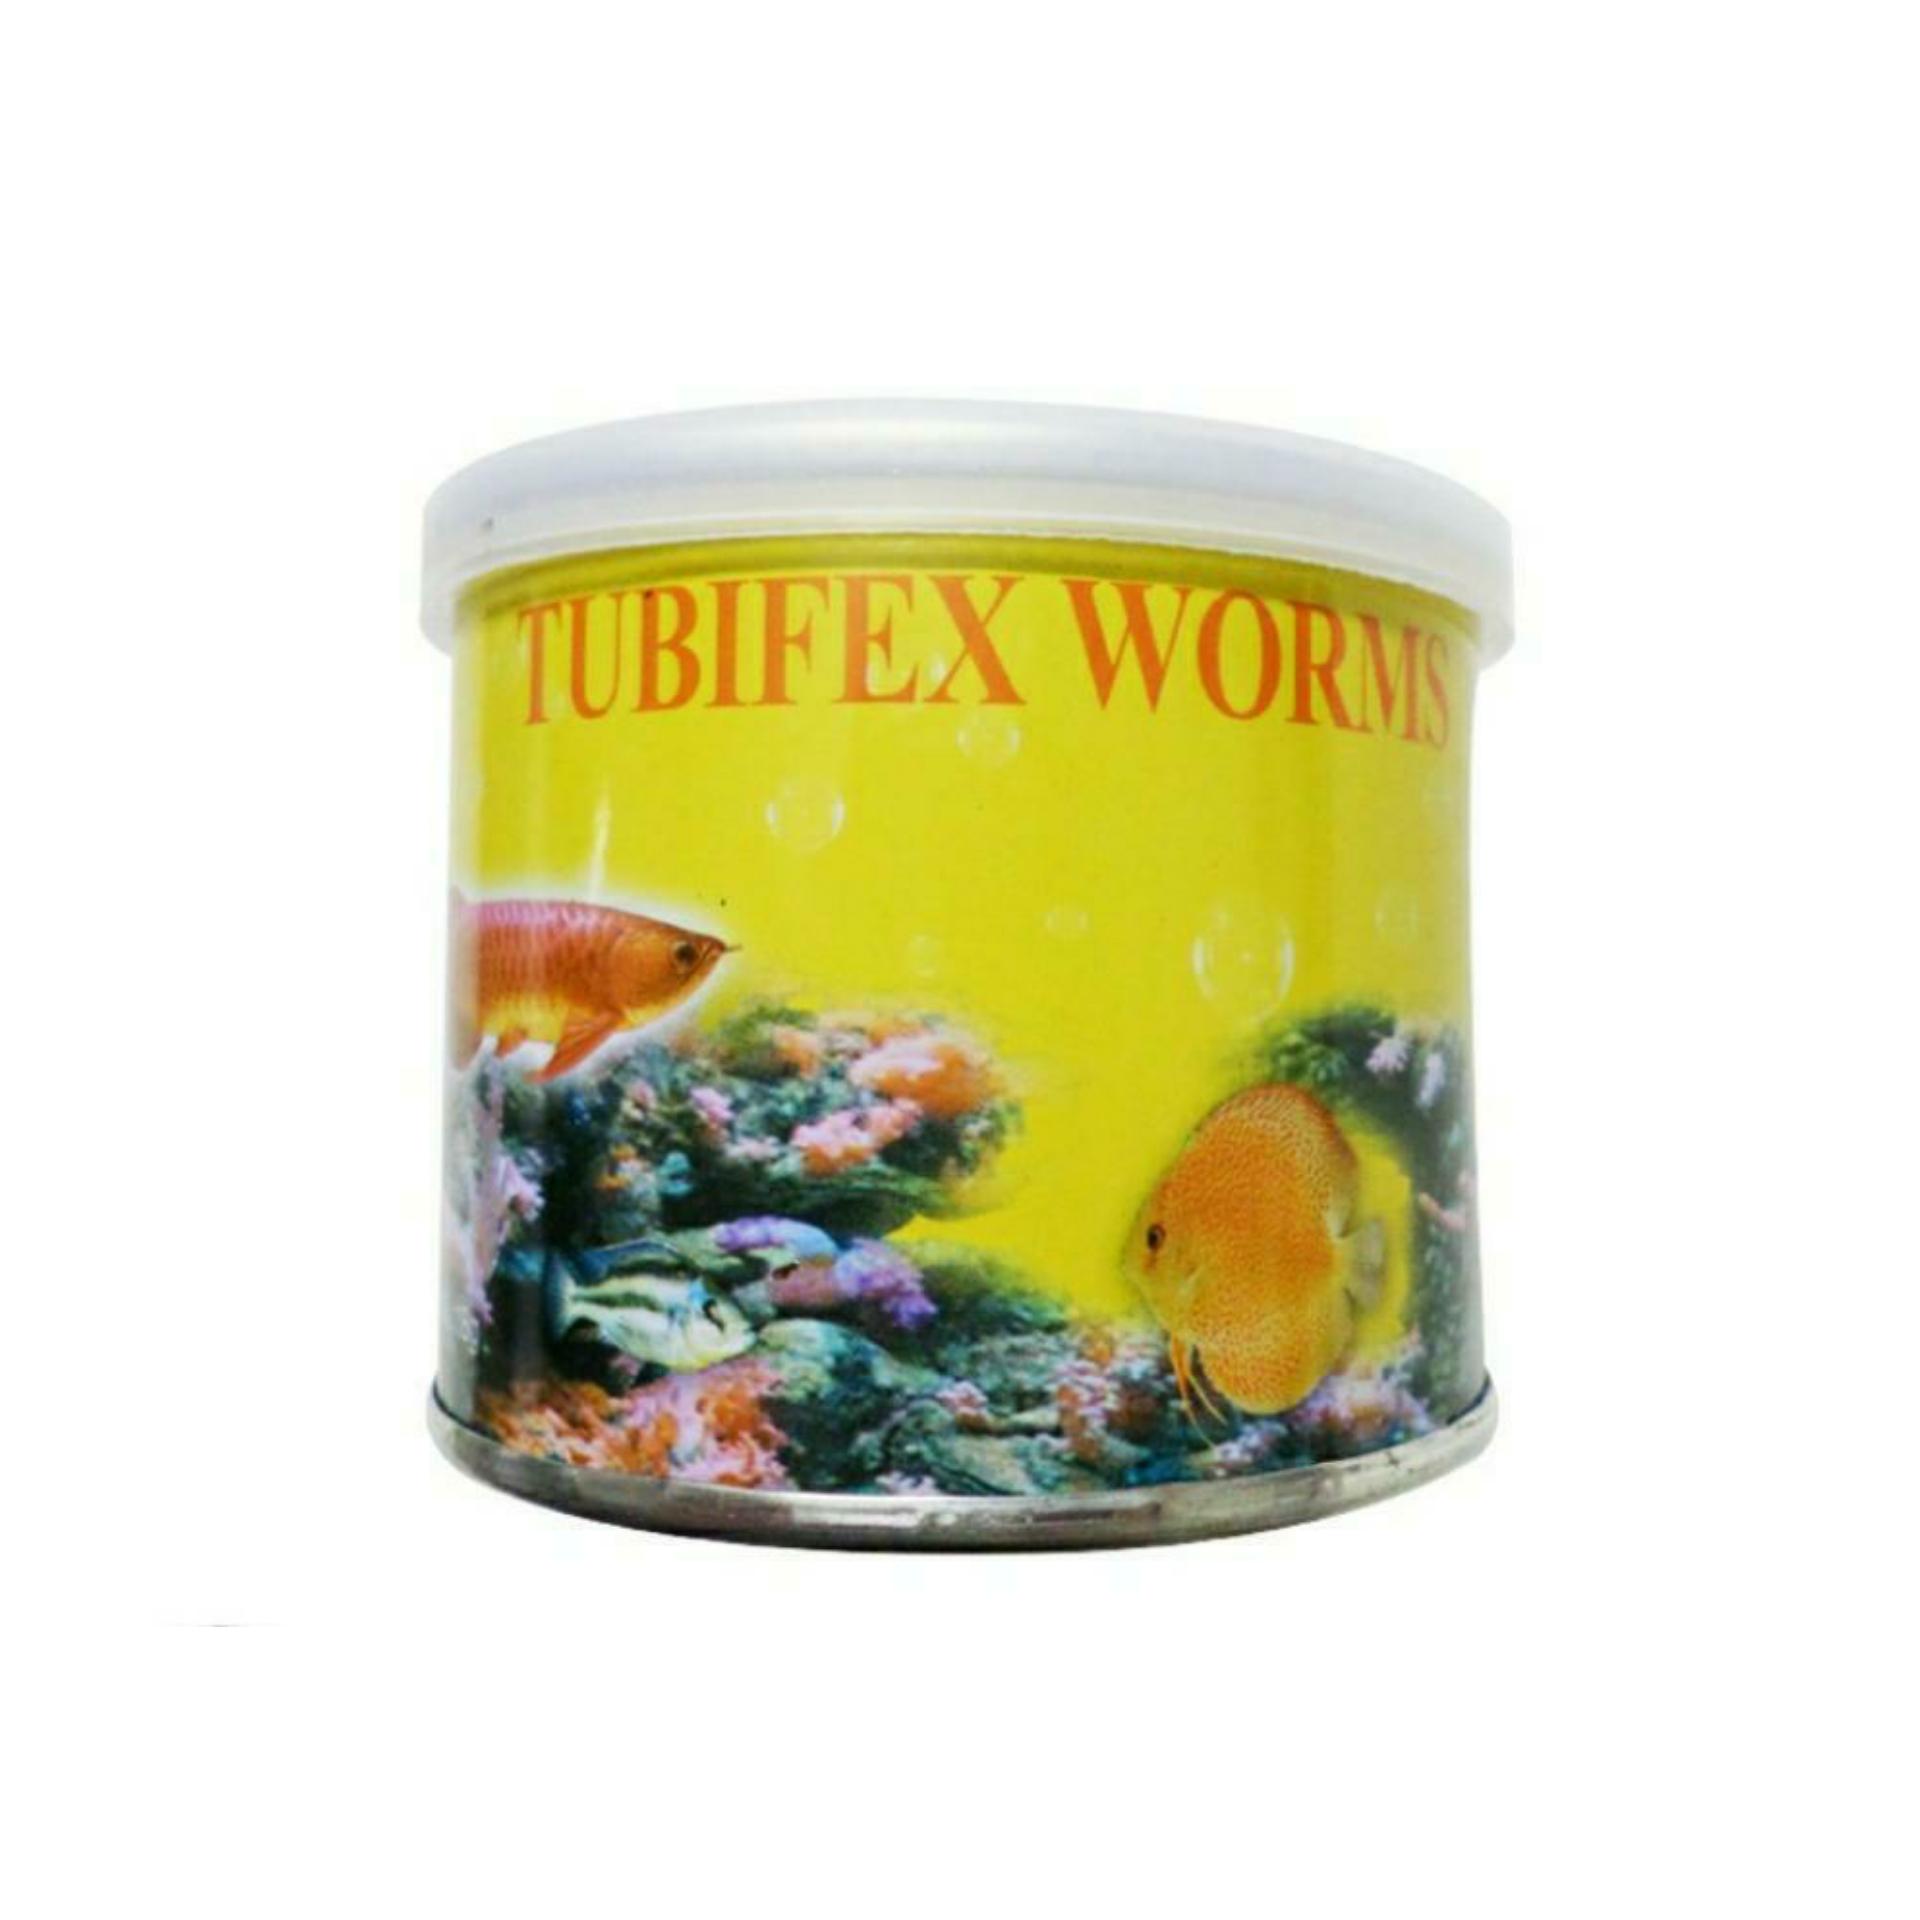 غذای ماهی توبیفیکس مدل ۵۵ وزن ۱۸ گرم